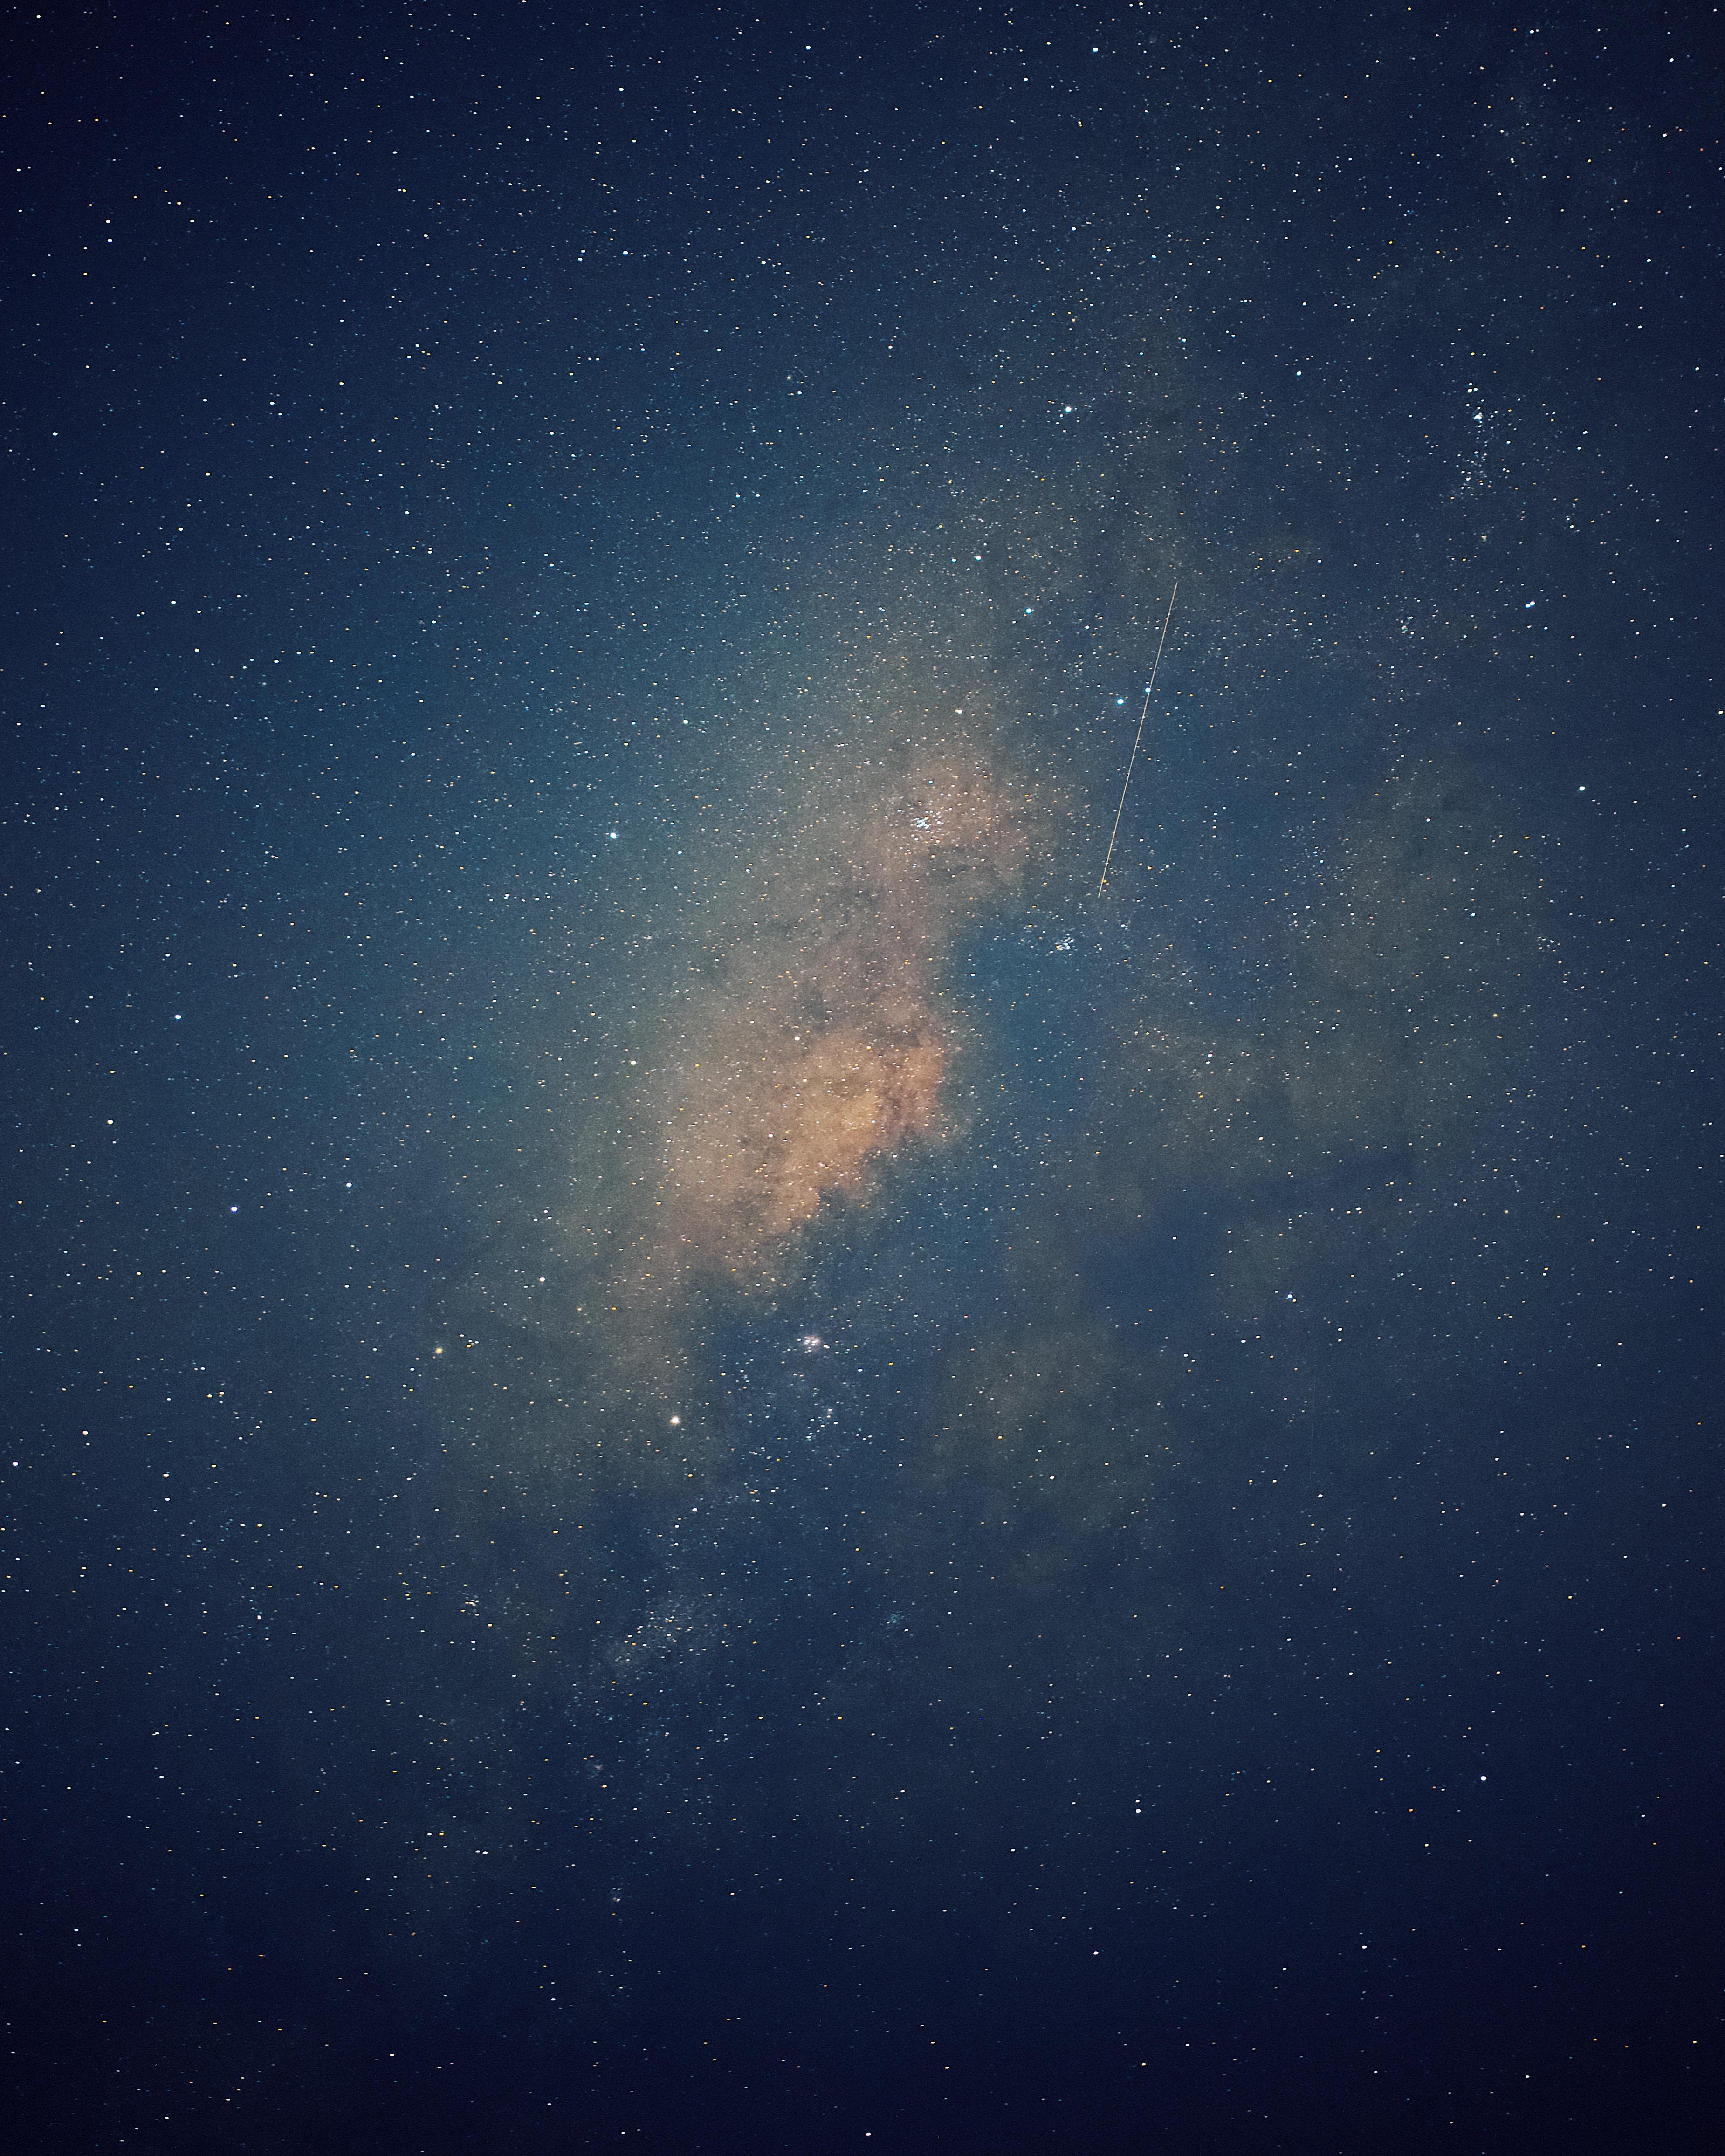 54404壁紙のダウンロード天の川, 星空, 宇宙, 輝く, 輝き, スター-スクリーンセーバーと写真を無料で